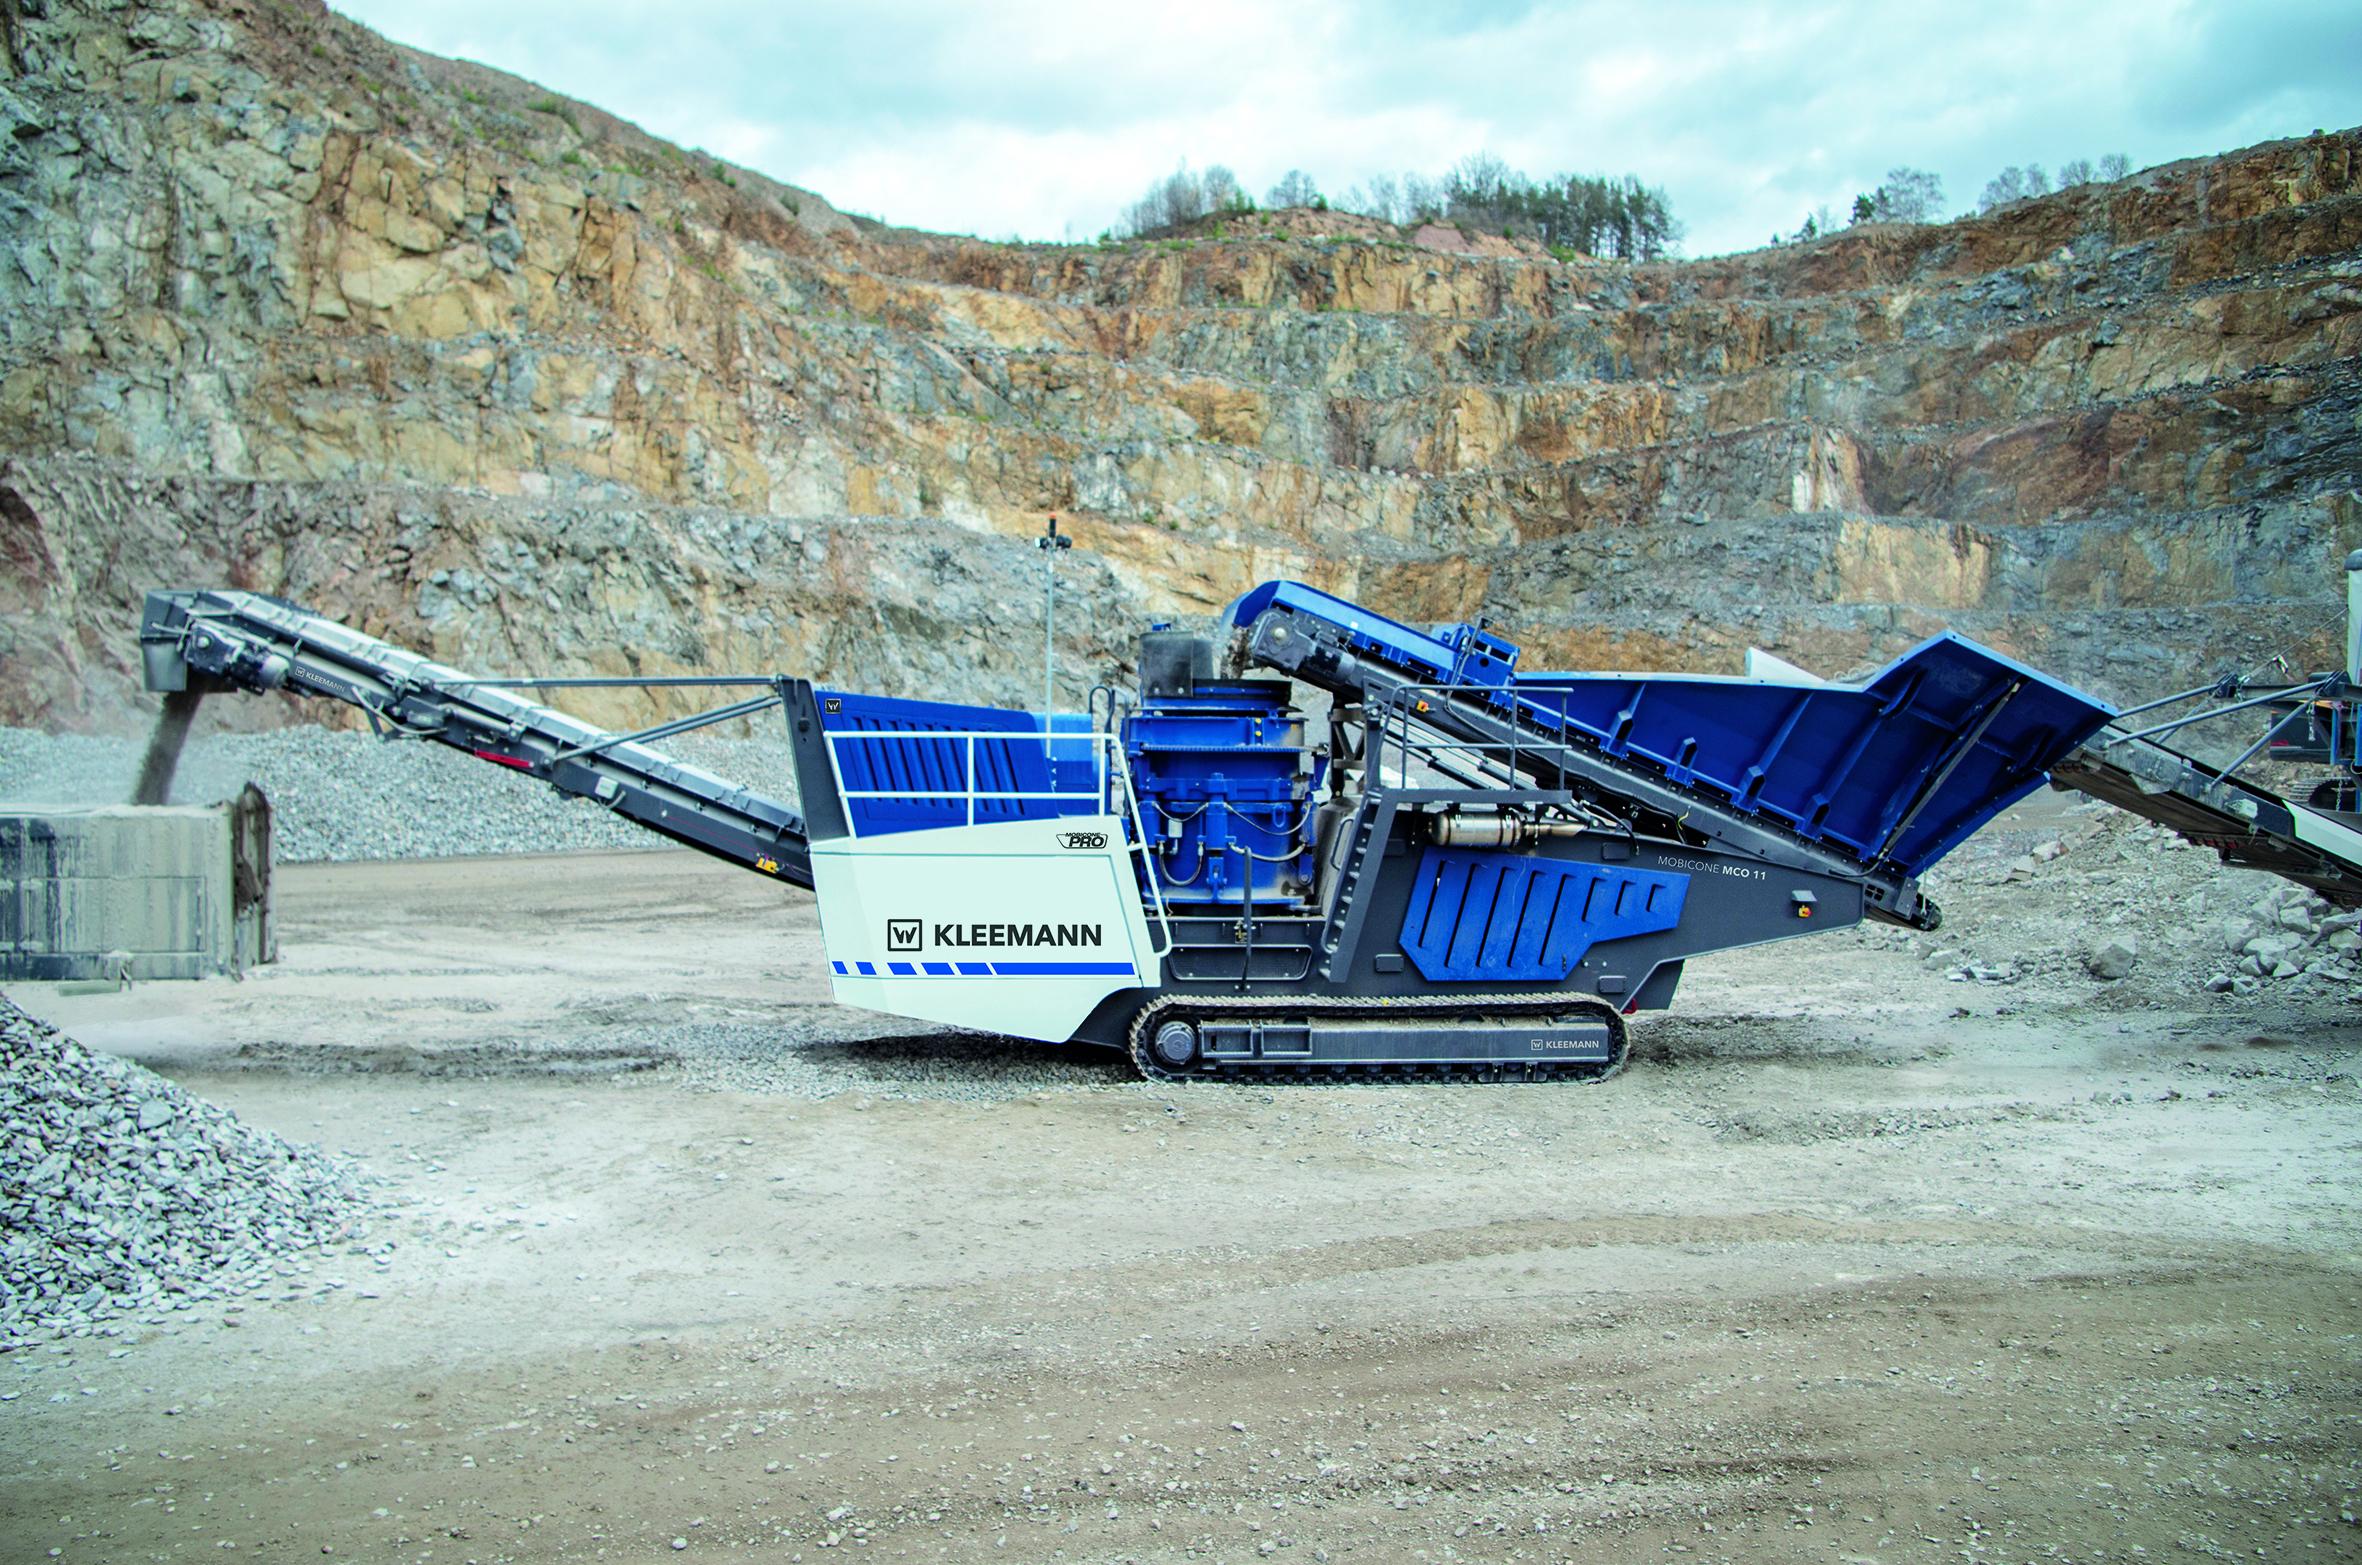 Die neue mobile Kegelbrechanlage MOBICONE MCO 11 PRO ist besonders robust konstruiert und überzeugt mit hoher Leistung im Steinbrucheinsatz.